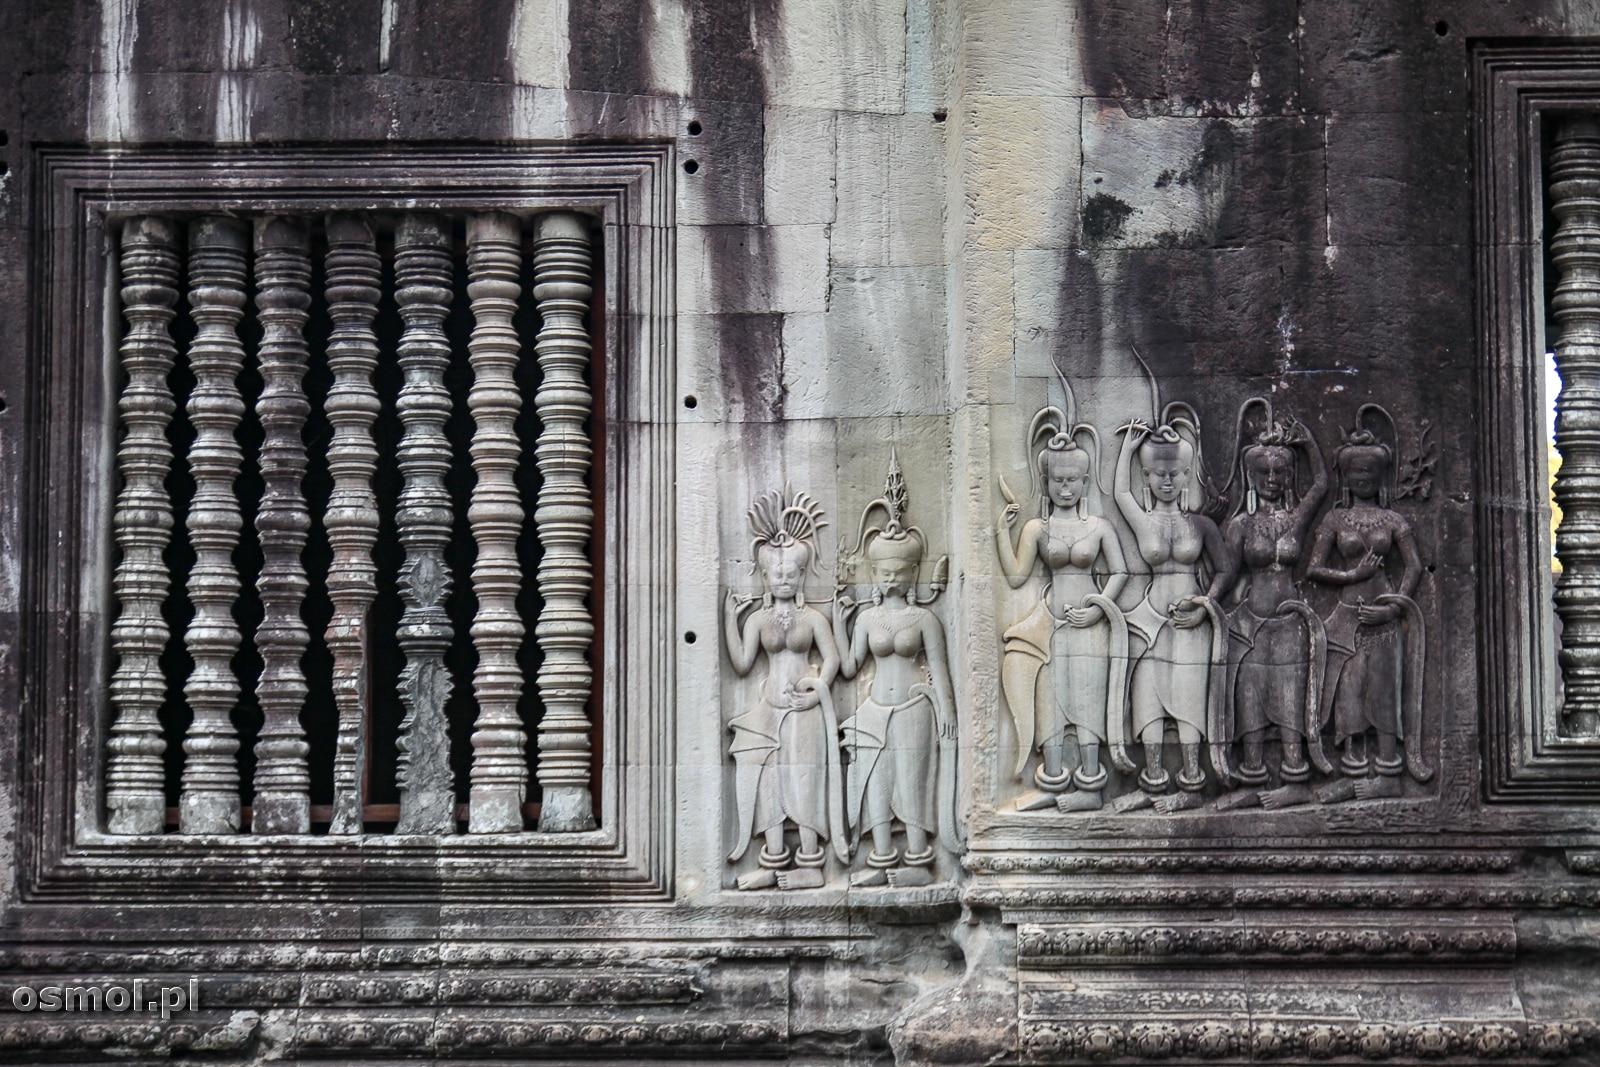 Na uwagę zasługuje w Angkor Wat każdy element, od wszechobecnych płaskorzeźb, po charakterystyczne khmerskie otwory okienne z walcami w środku.